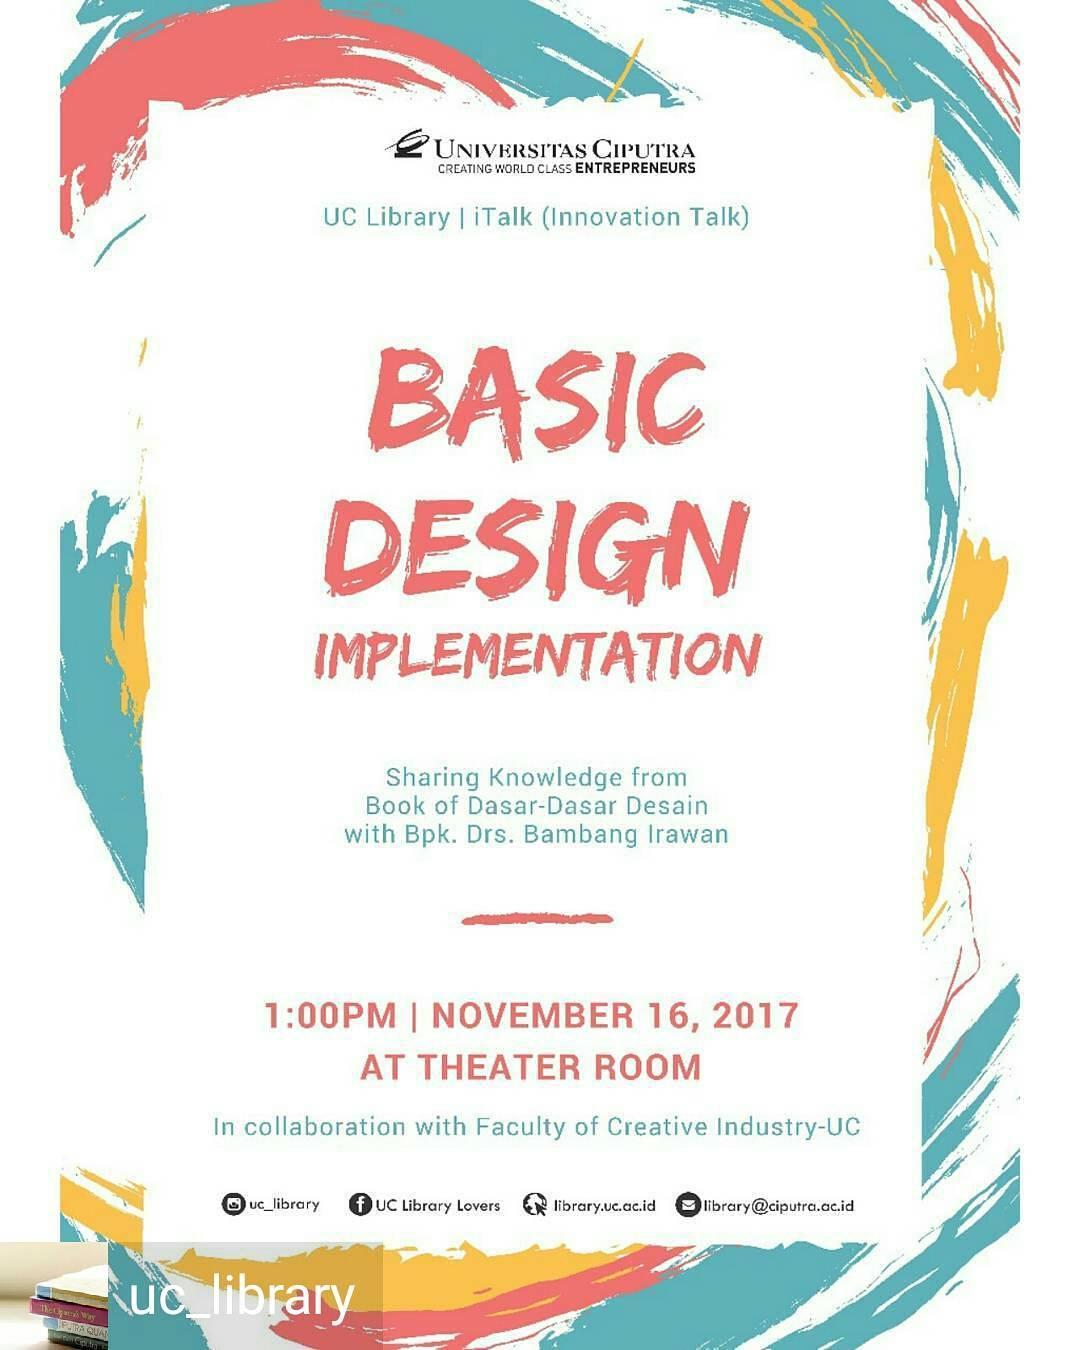 Basic Design Implementation